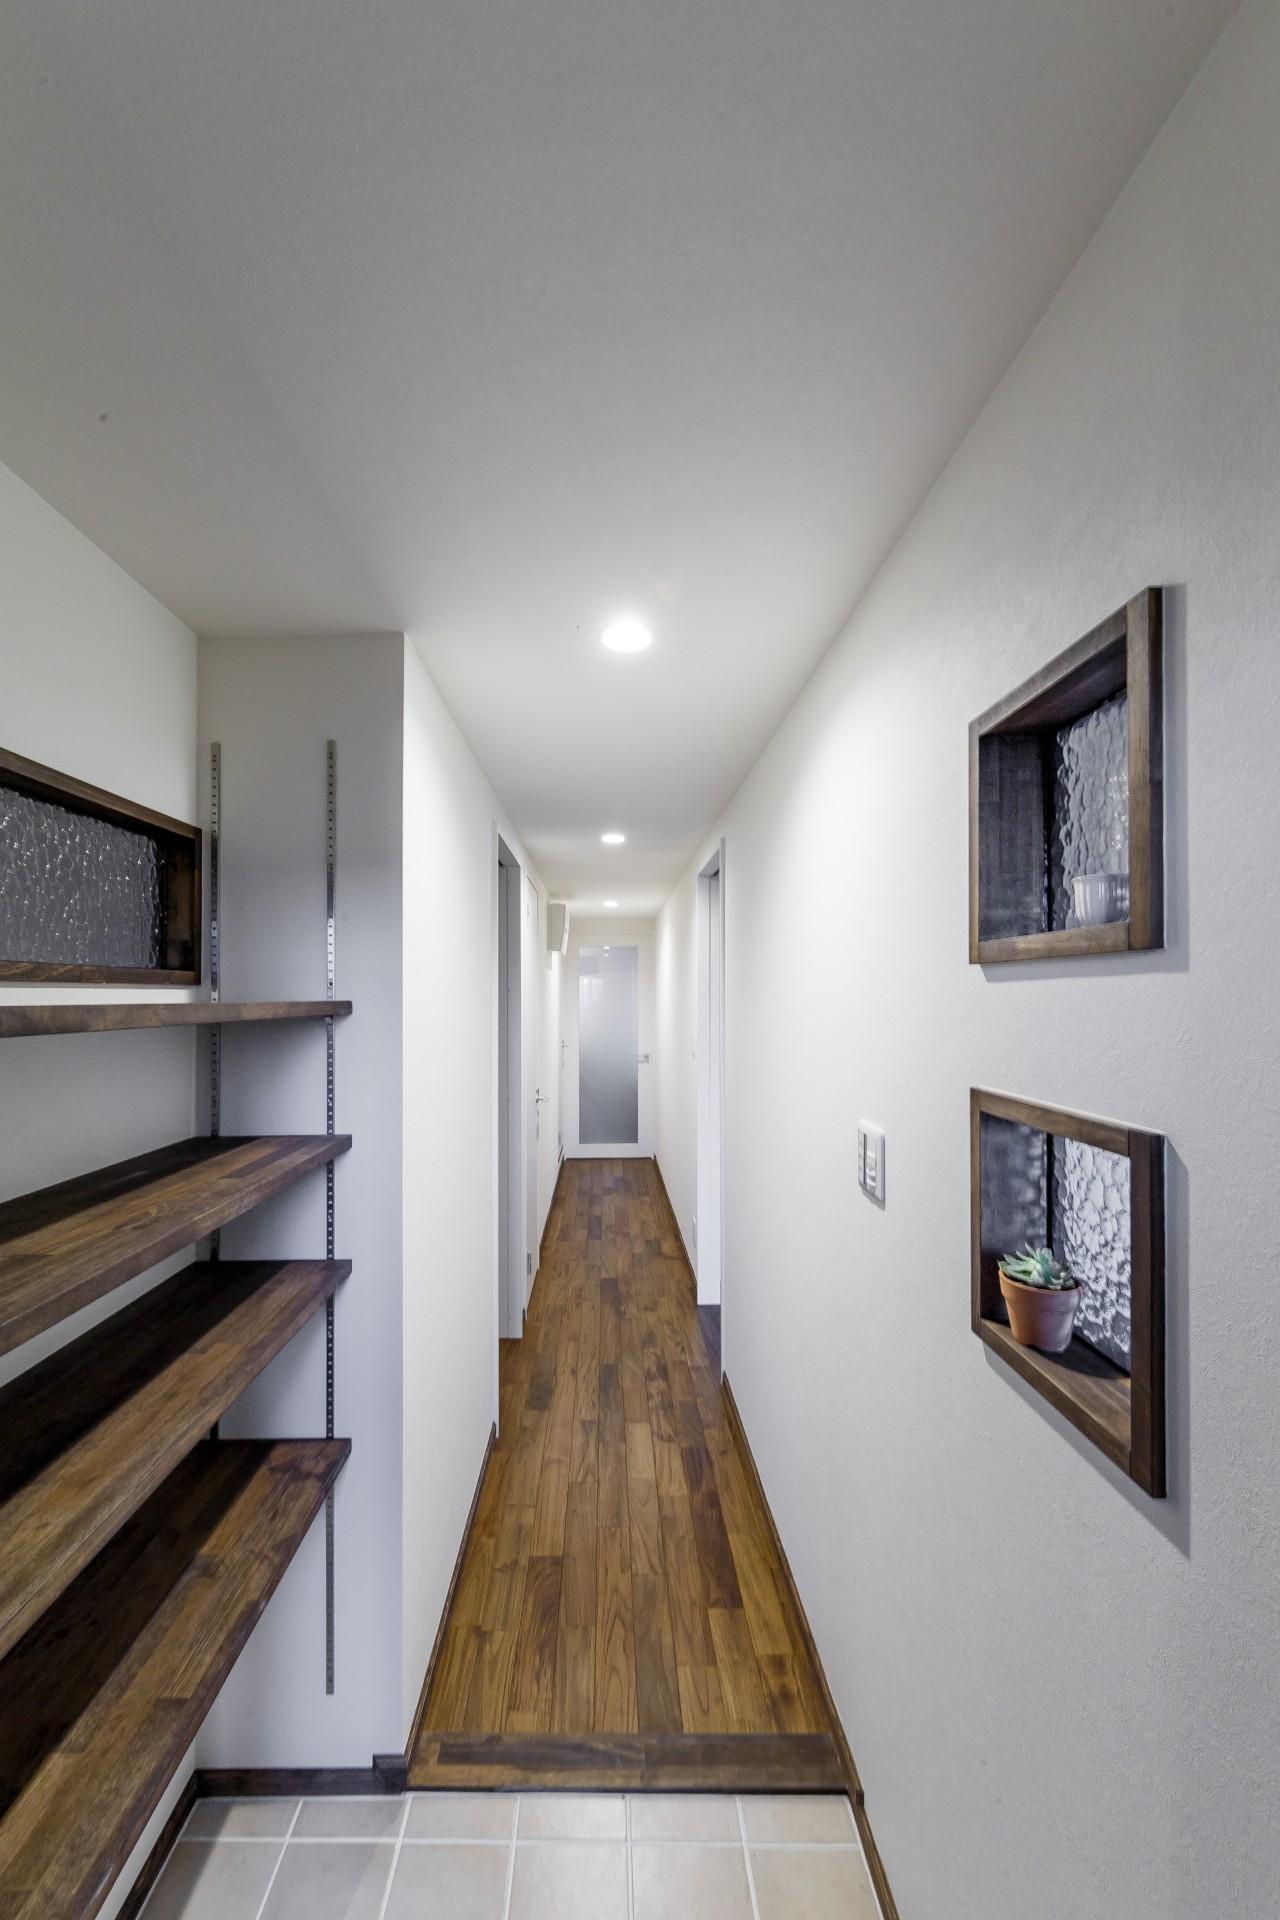 その他事例:室内窓のある明るい廊下(インナーバルコニーのある開放的な家)